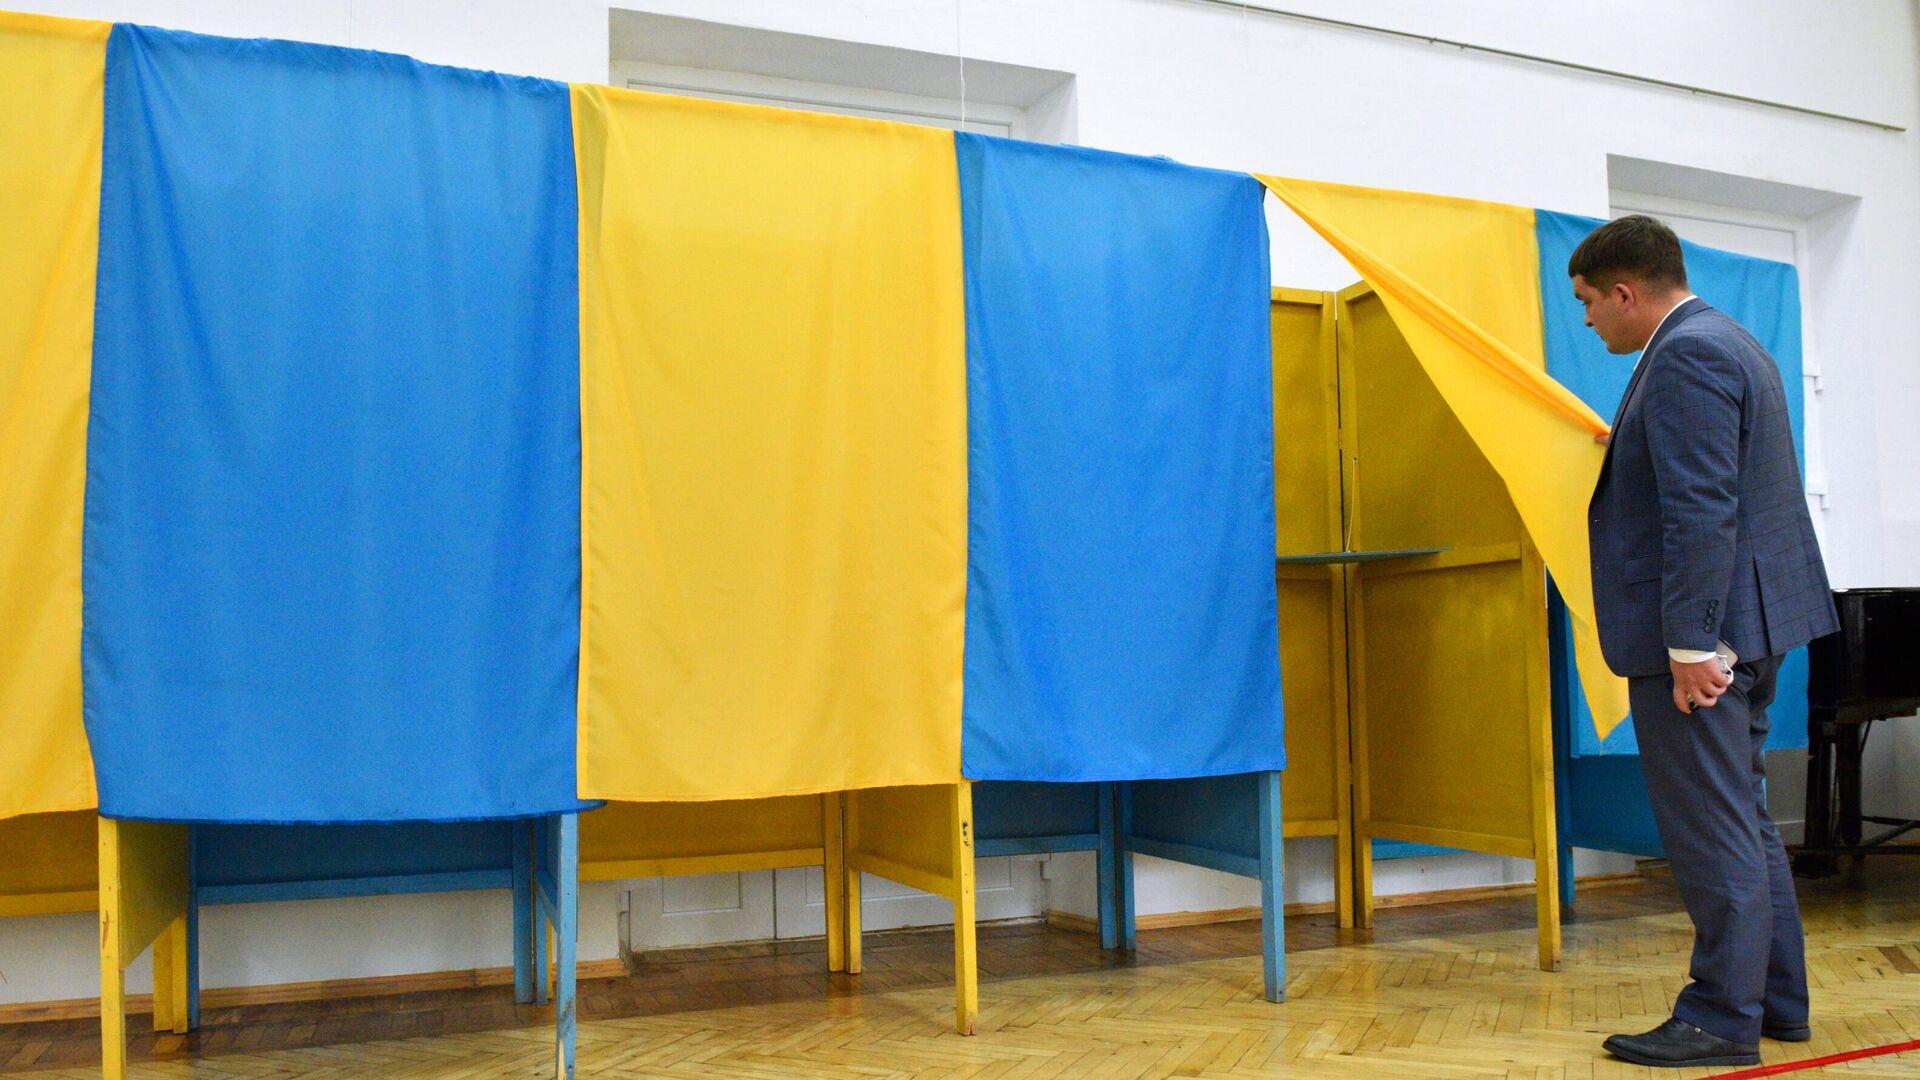 Проверка готовности одного из избирательных участков в Киеве к проведению региональных выборов - РИА Новости, 1920, 27.10.2020